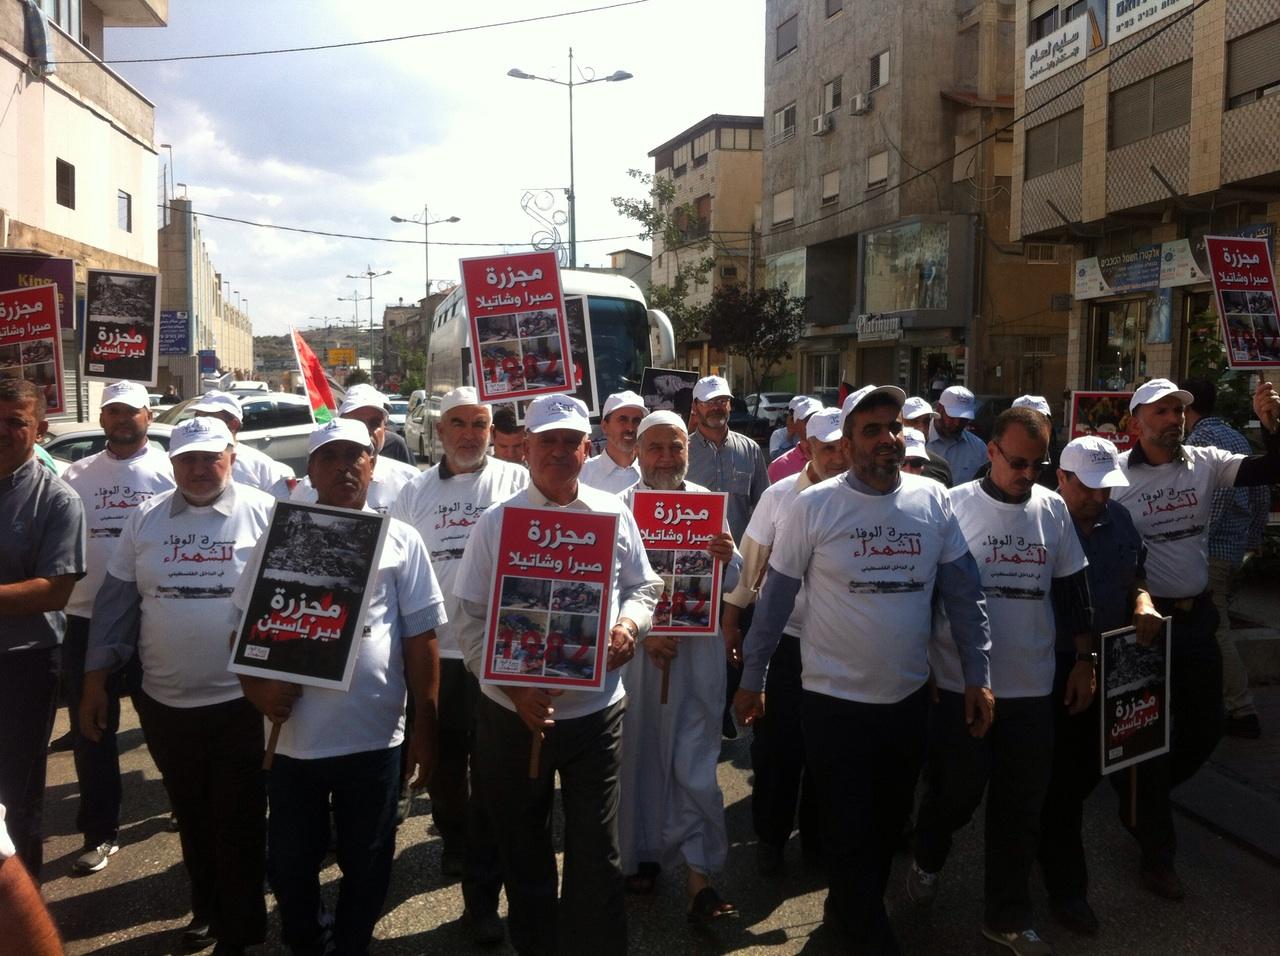 """وسط  تغيب رئيس البلدية.. الناصرة تحتضن مسيرة """"الوفاء للشهداء"""""""